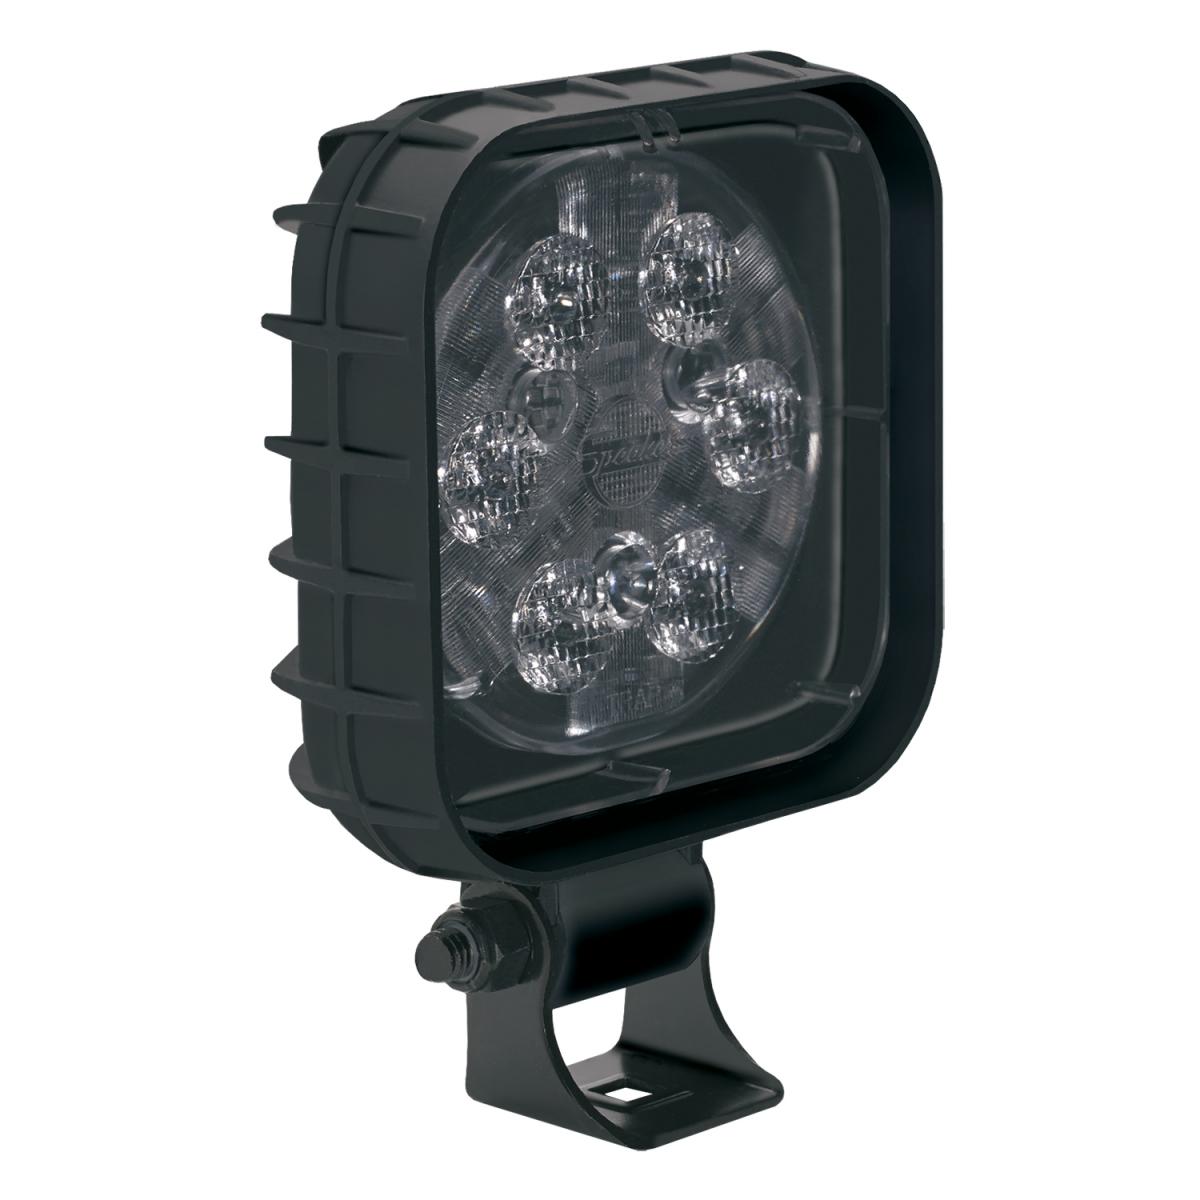 LED Work Light – Model 840 XD